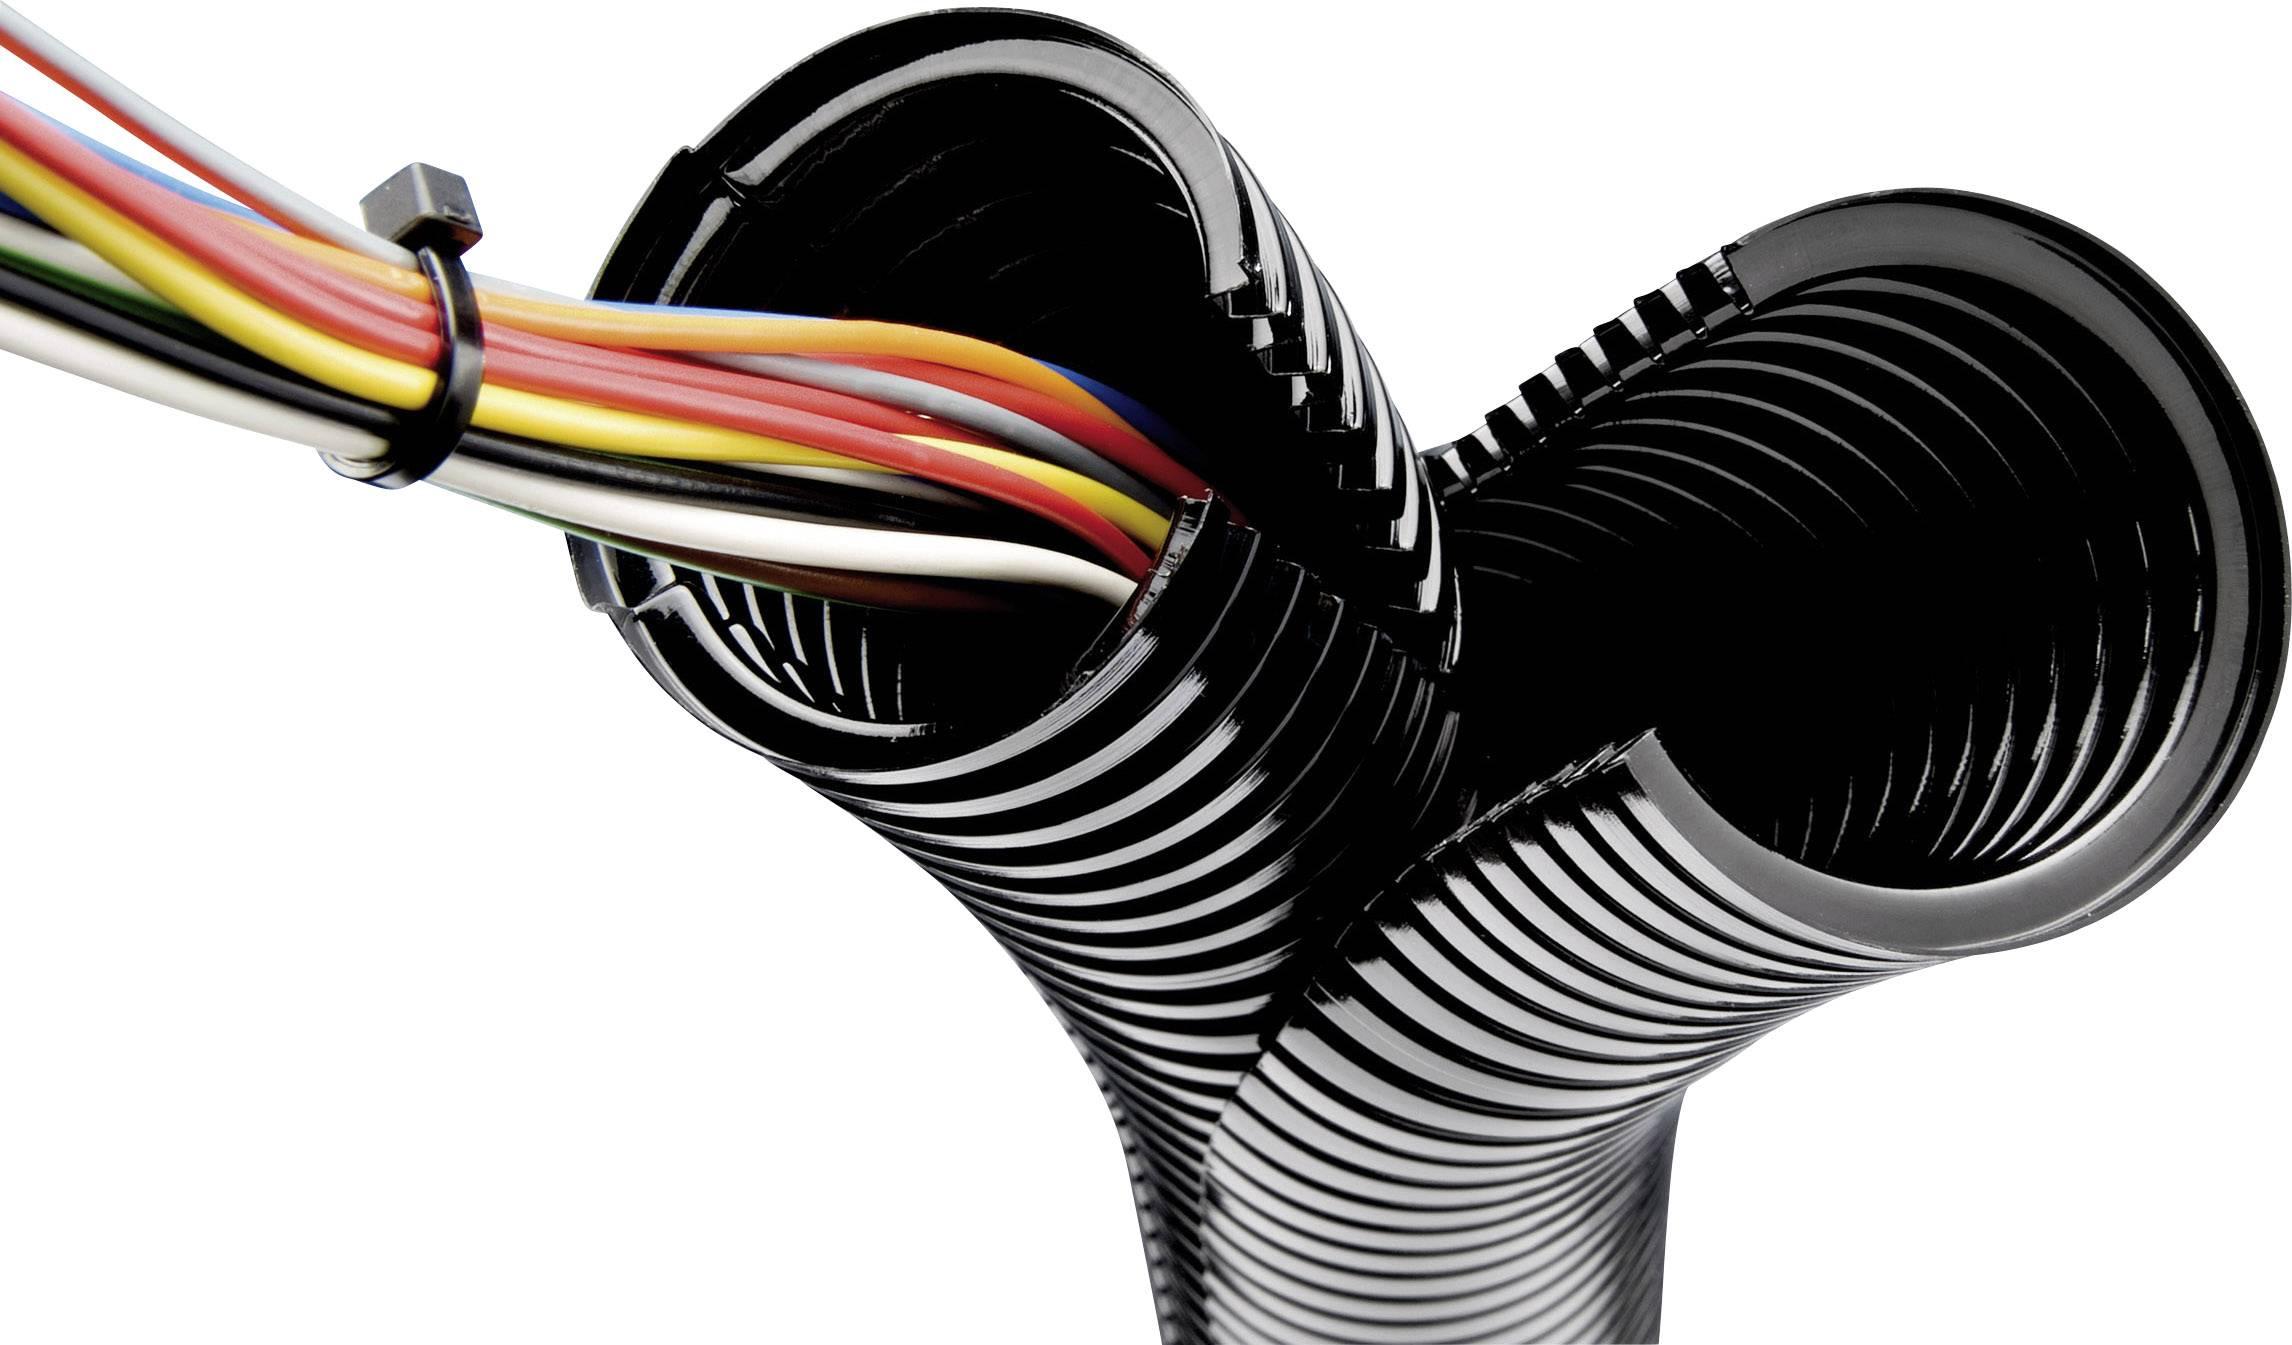 LappKabel SILVYN® SPLIT 23 61806650, 23.70 mm, čierna, metrový tovar